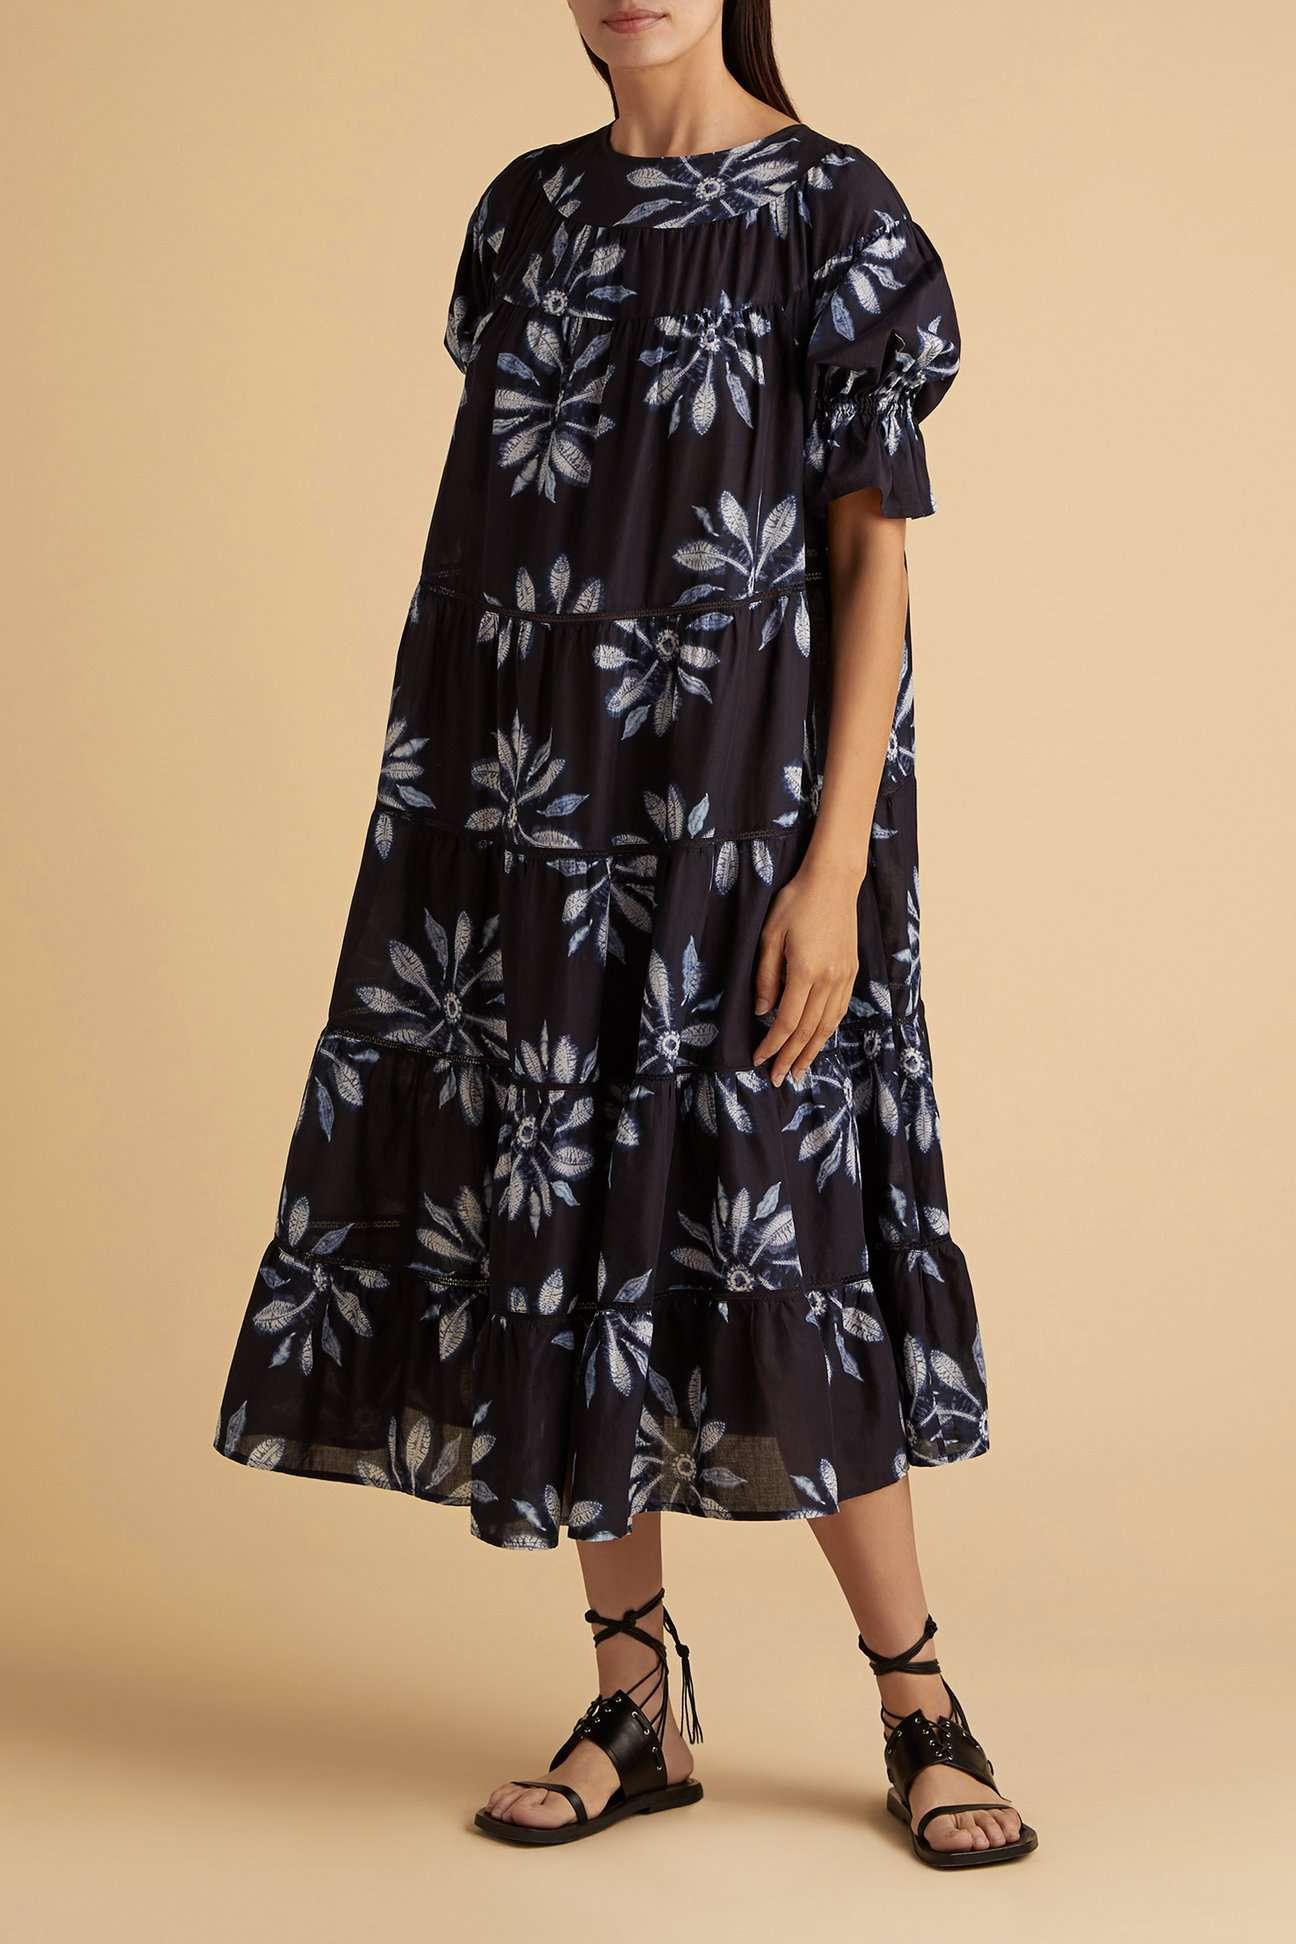 Merlette Paradis Shibori Dress $460